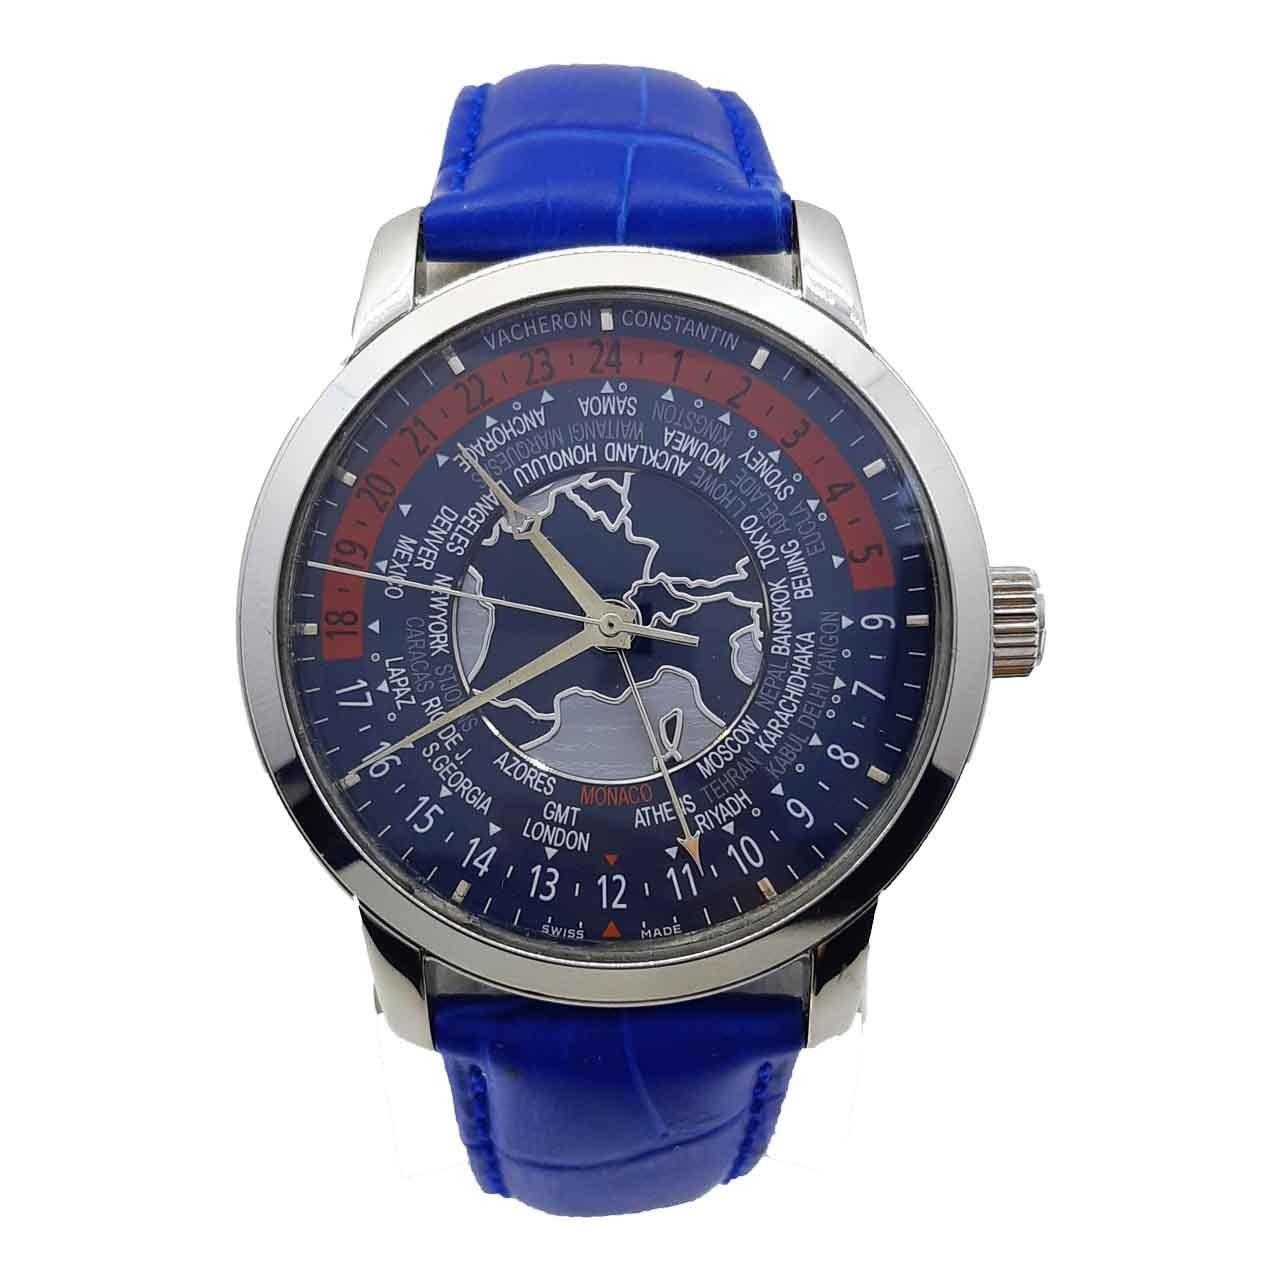 ساعت مچی مردانه واشرون کنستانتین مدل Vacheron Constantin 8854G |